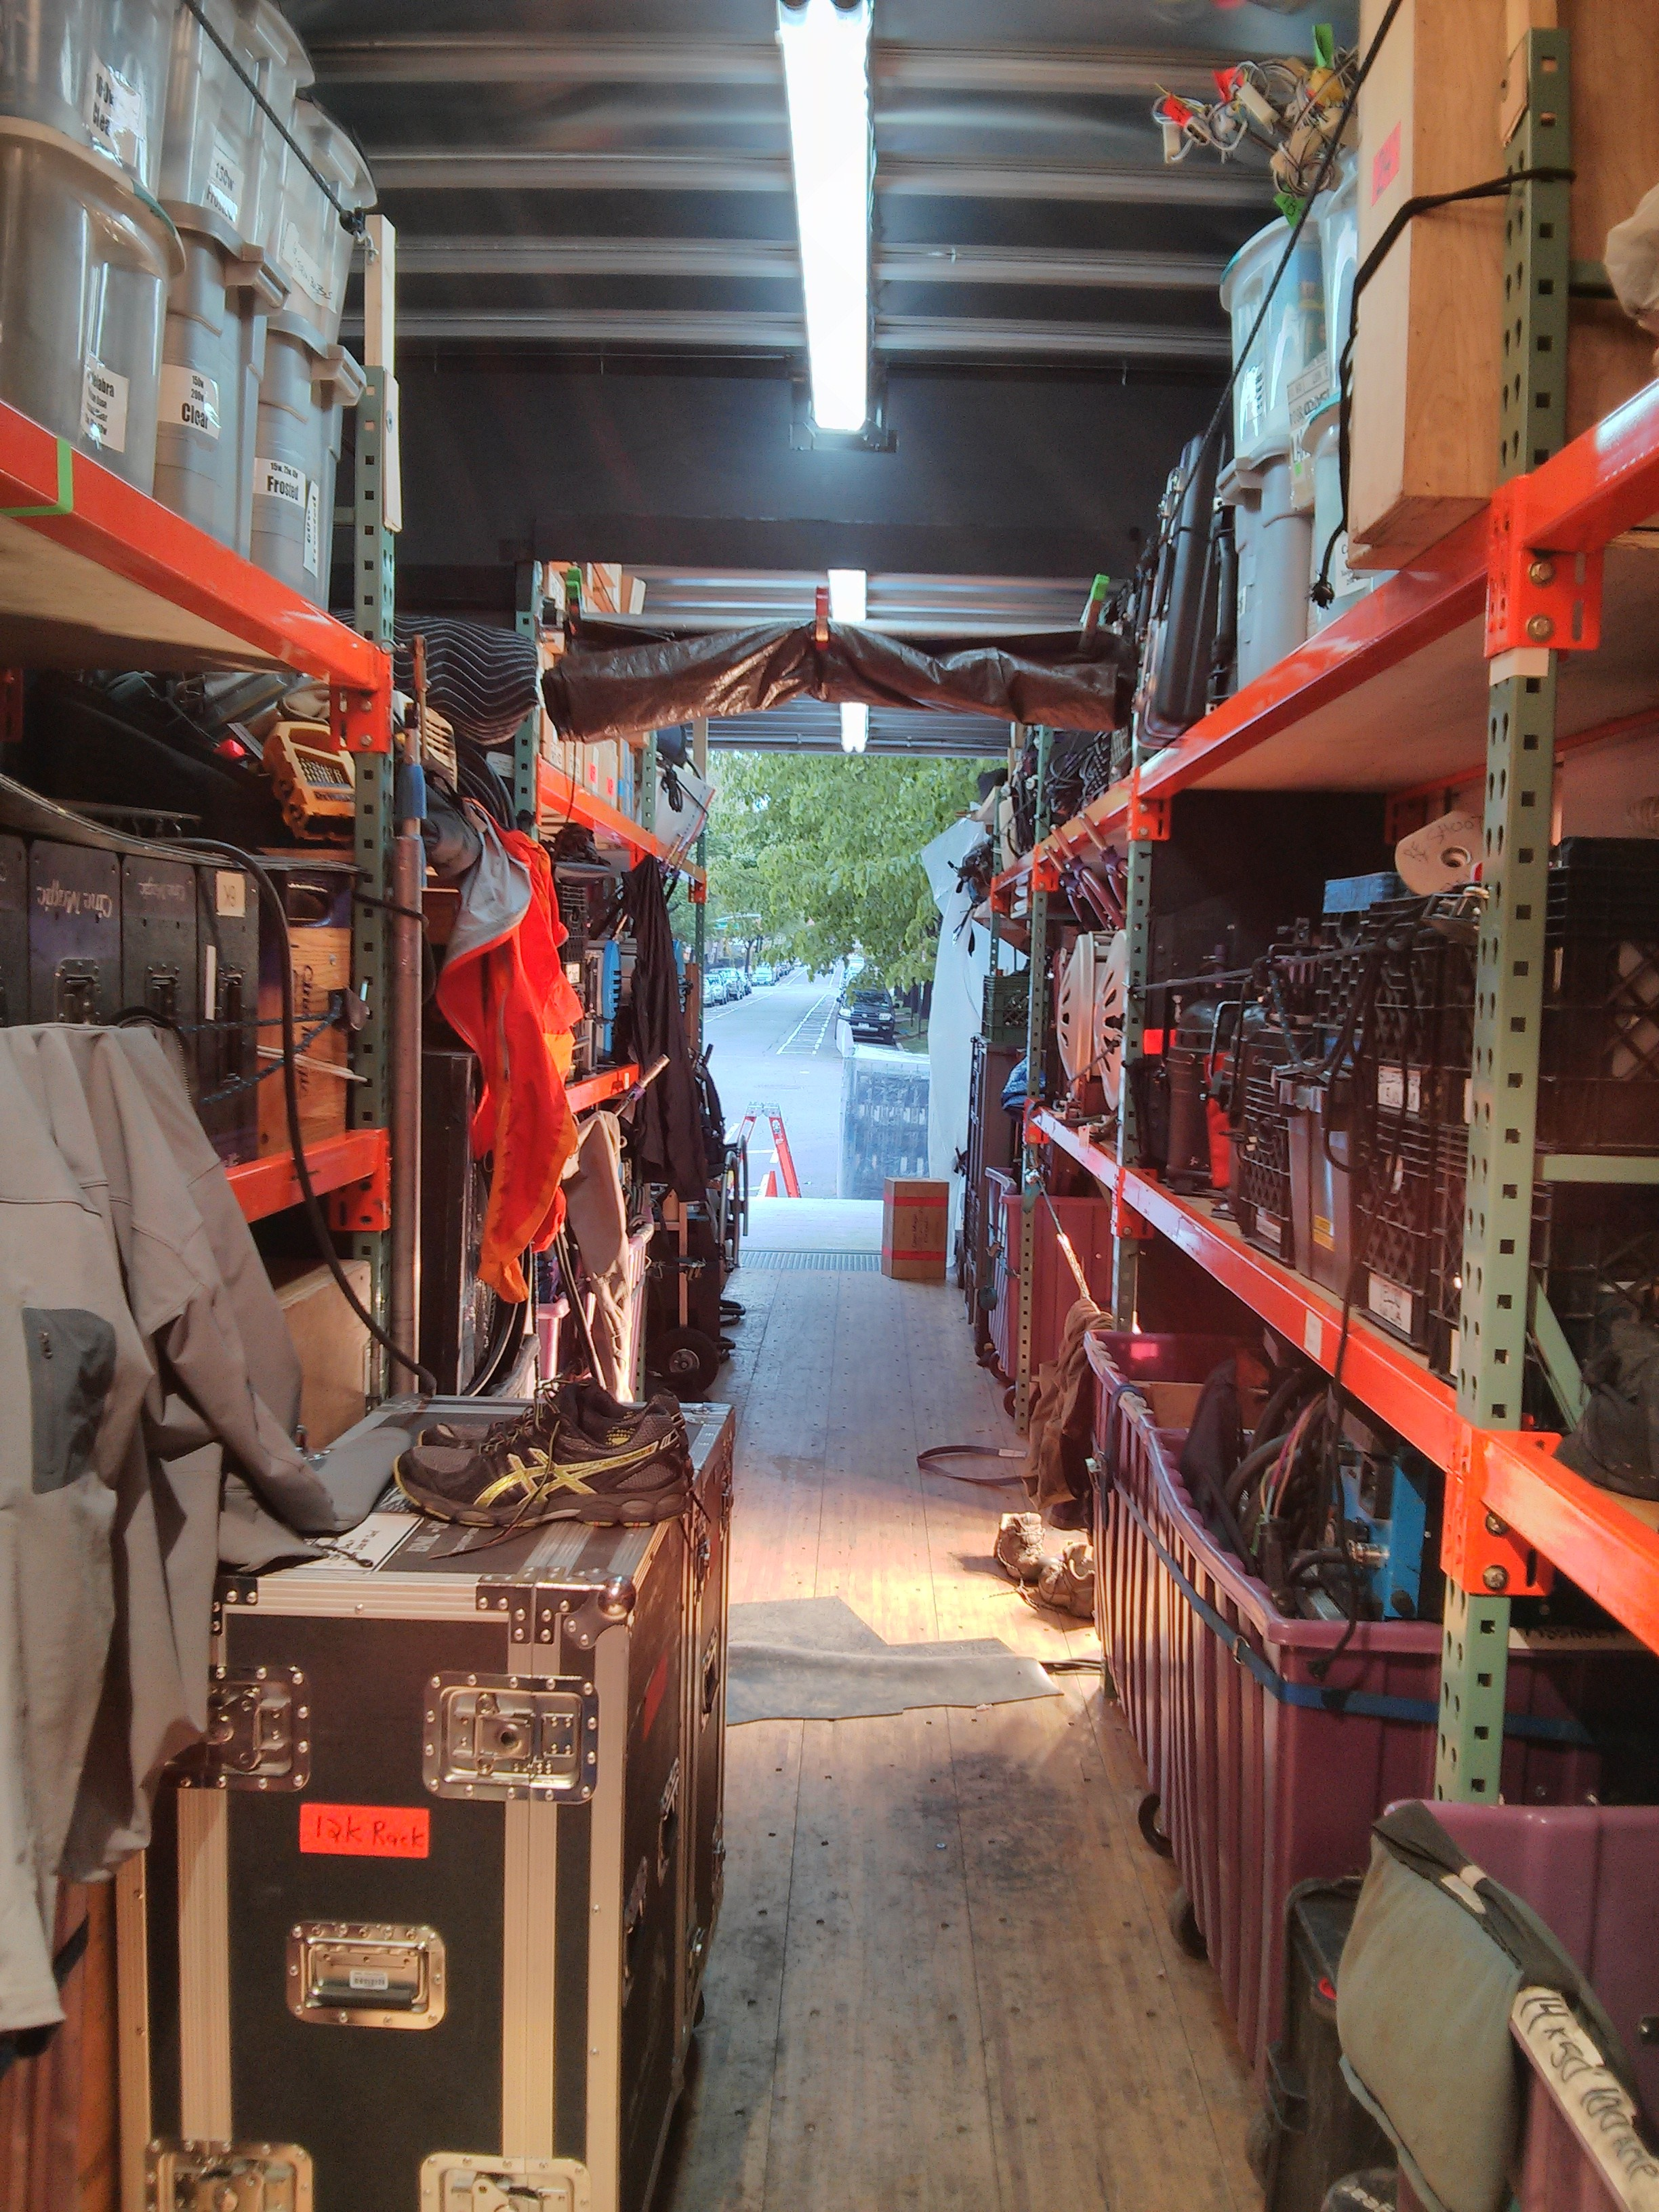 Equipment truck interior